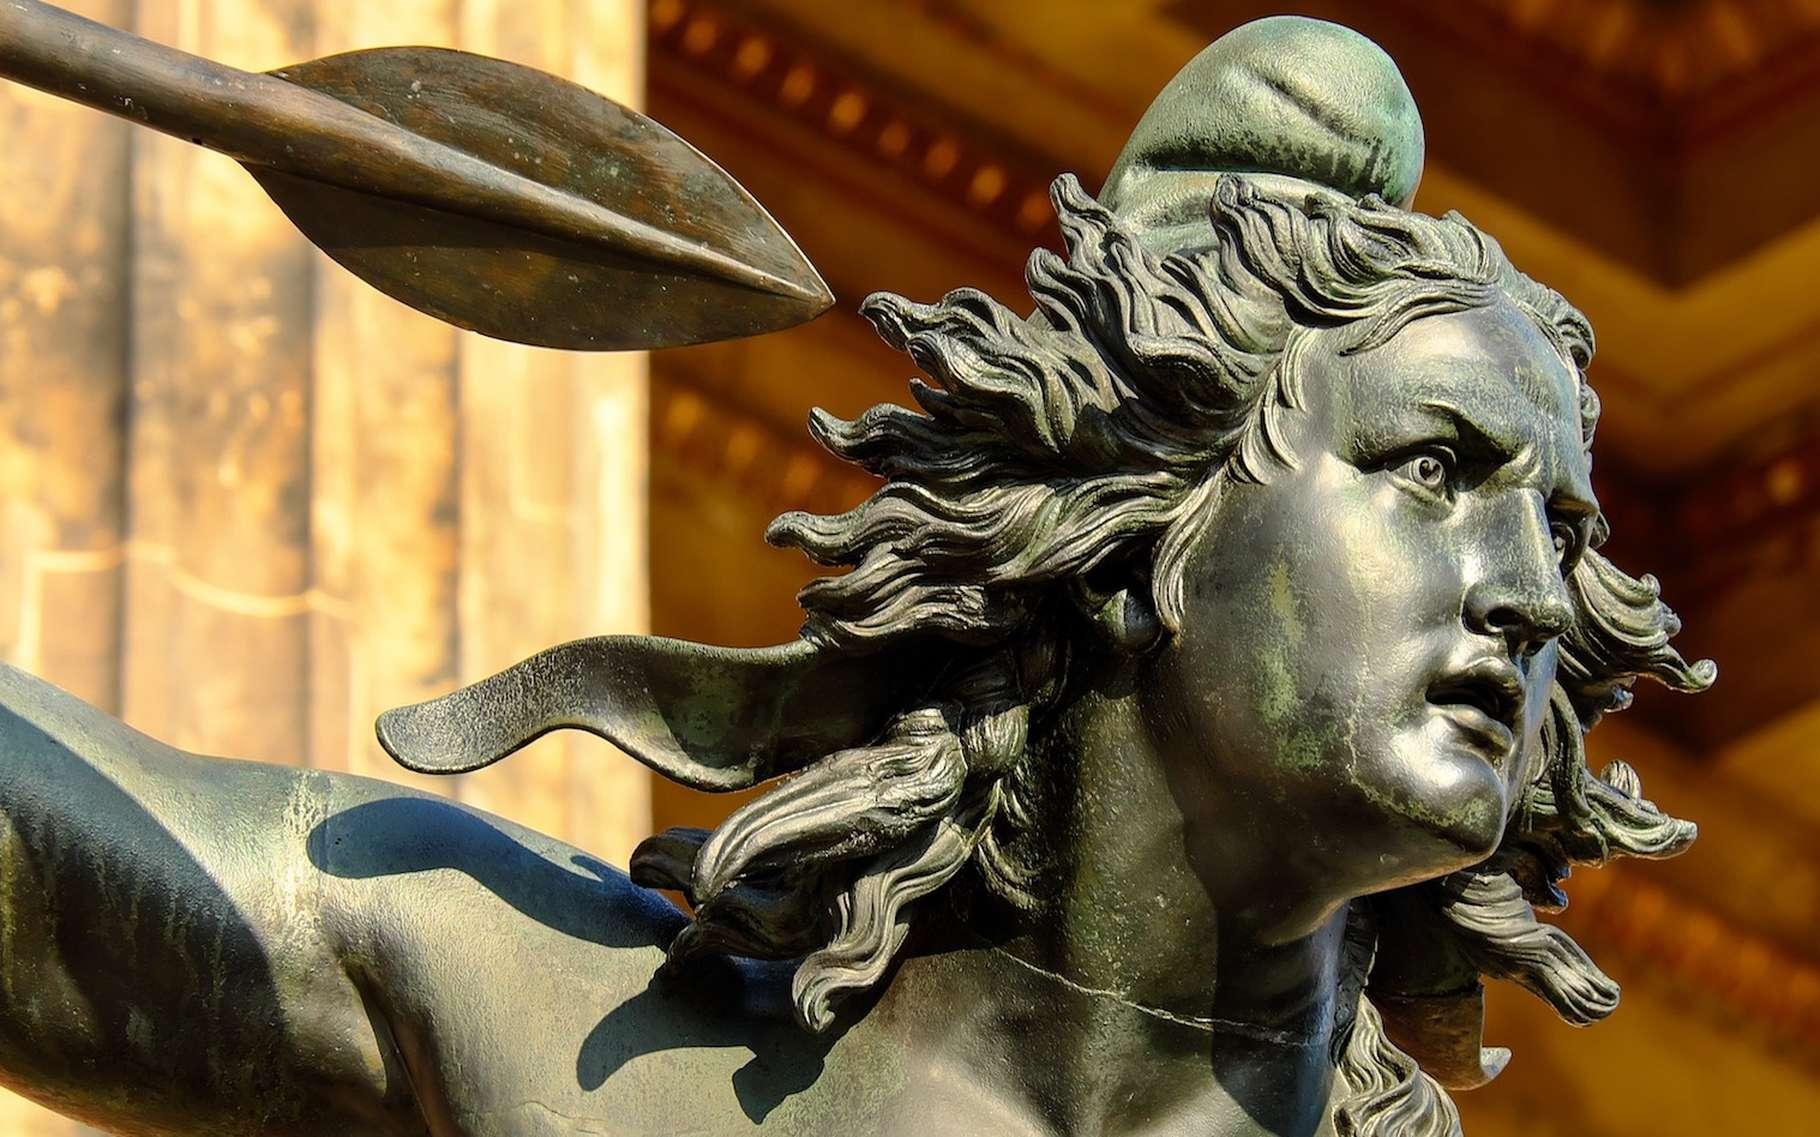 Le bronze dont sont faites de nombreuses statues est un alliage de fer et de carbone. © Couleur, Licence Pixabay